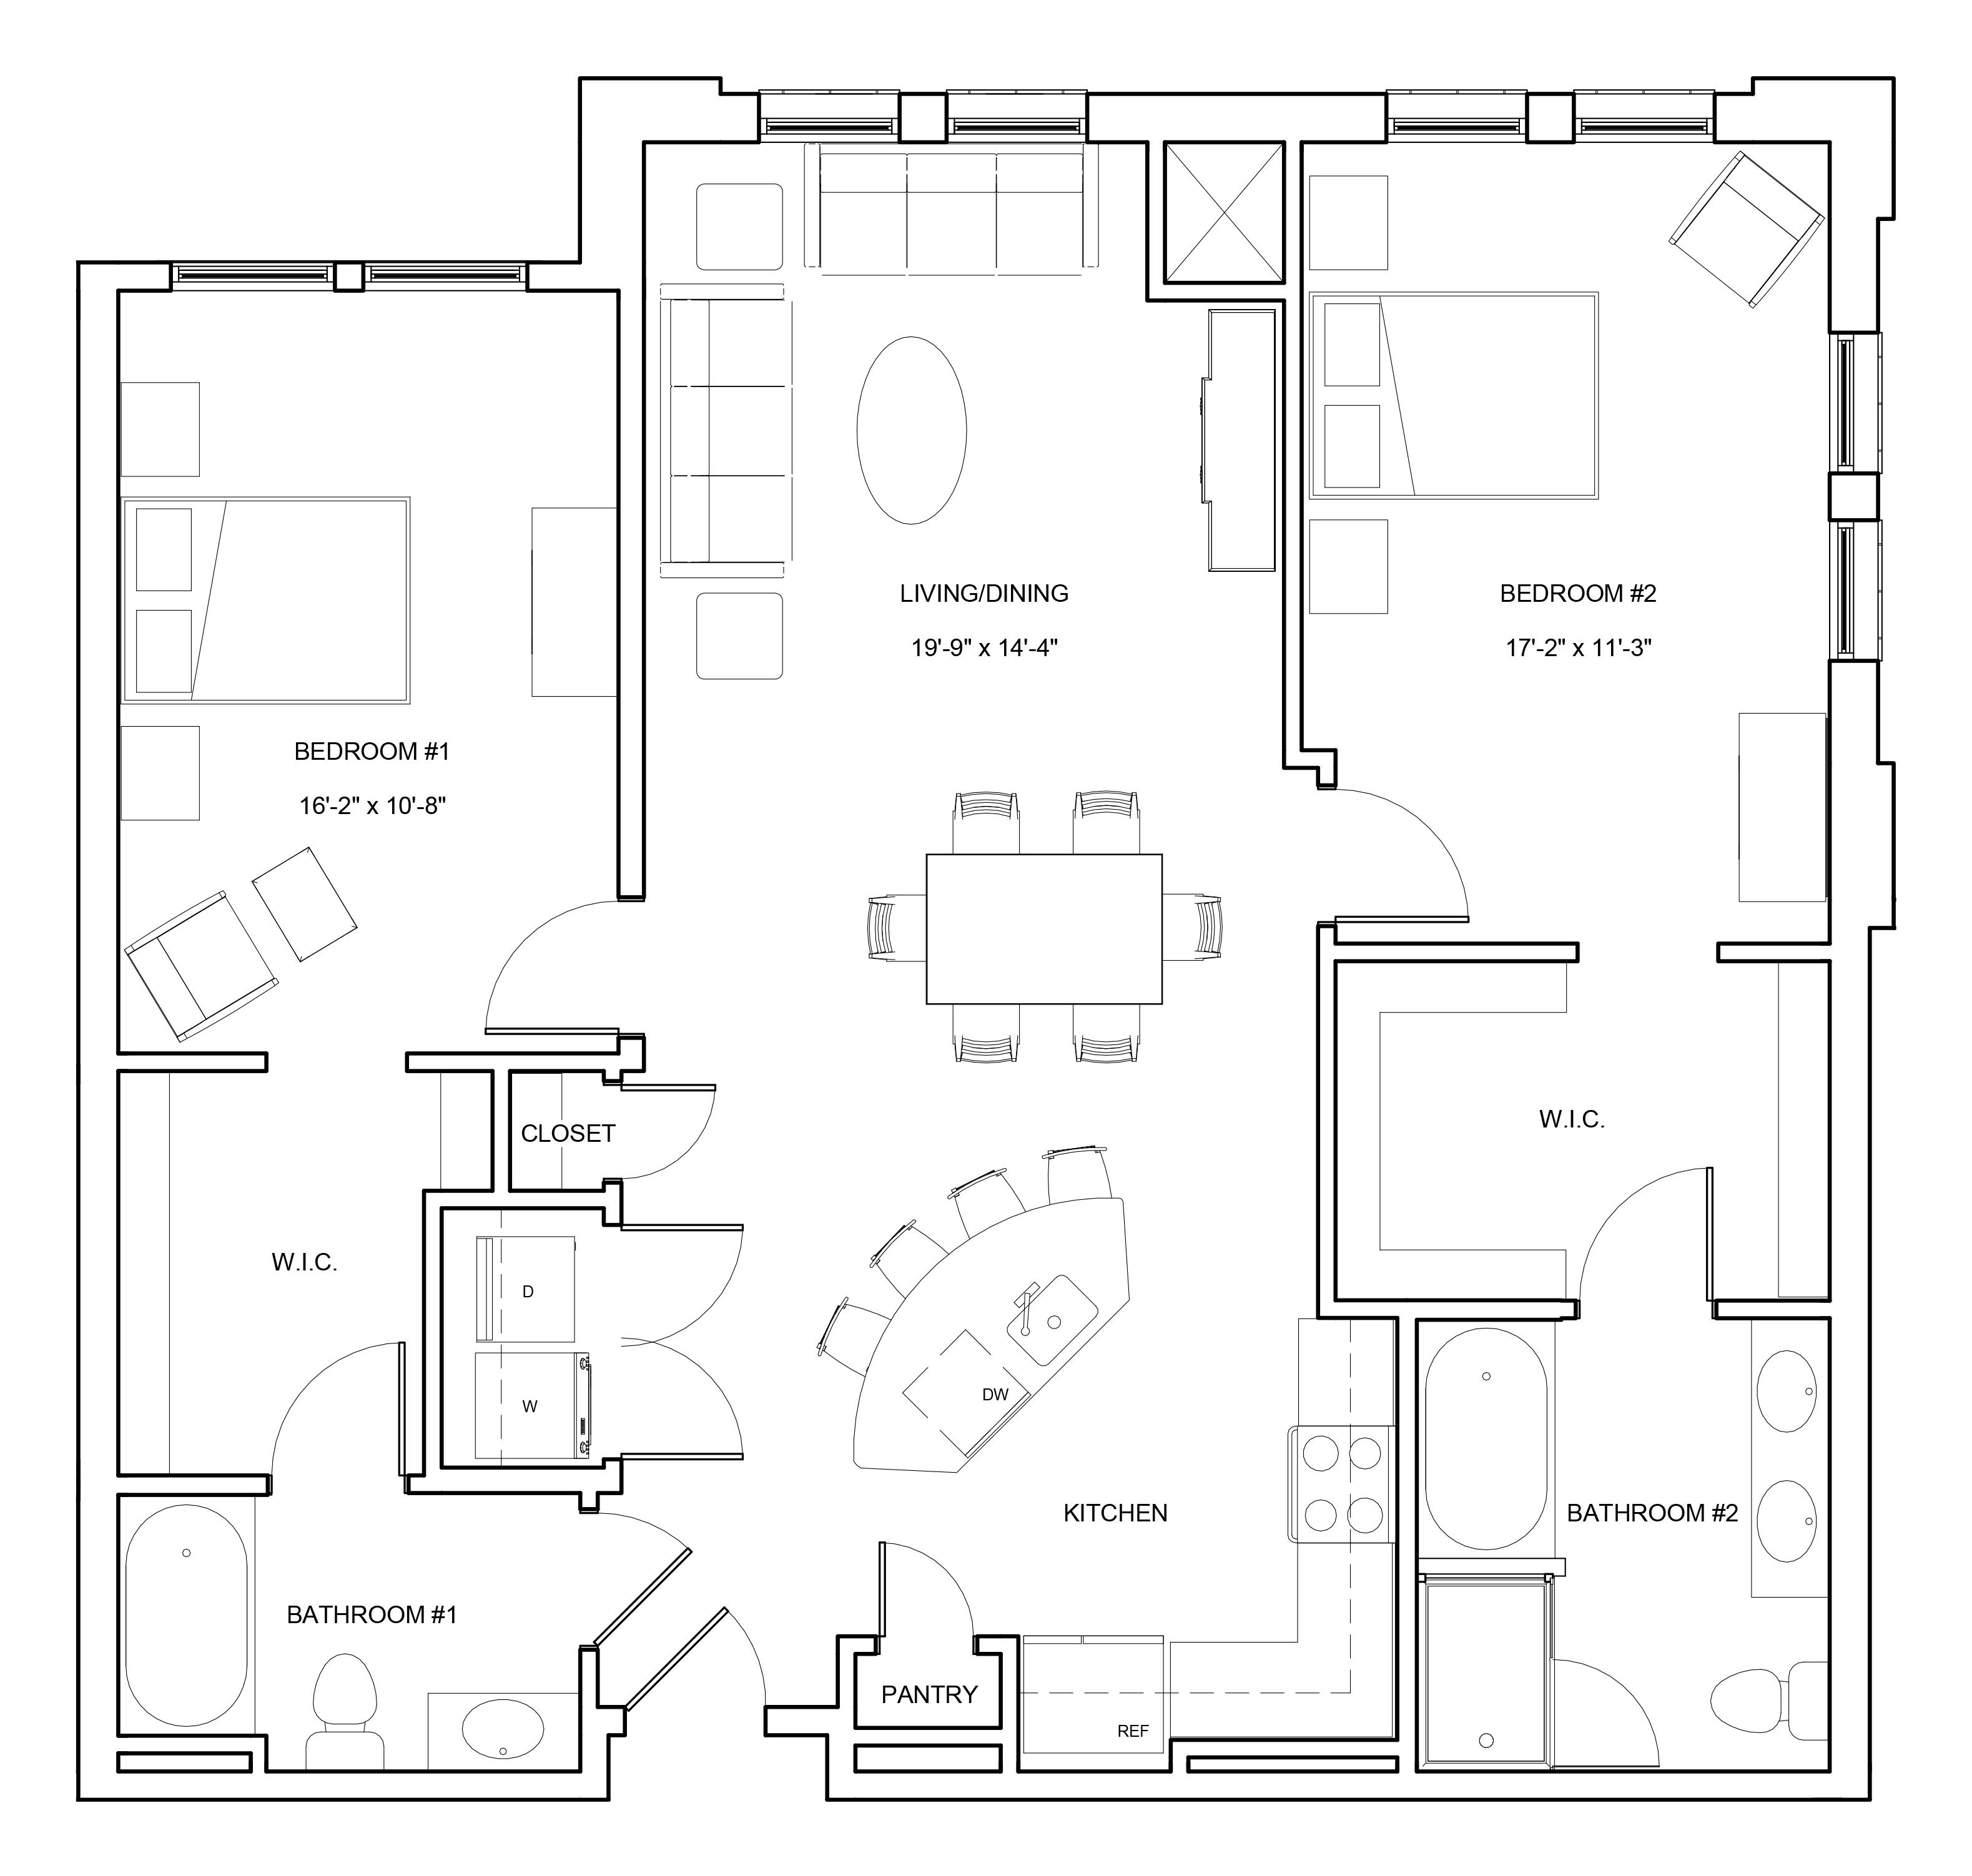 P0663804 b5 2 floorplan